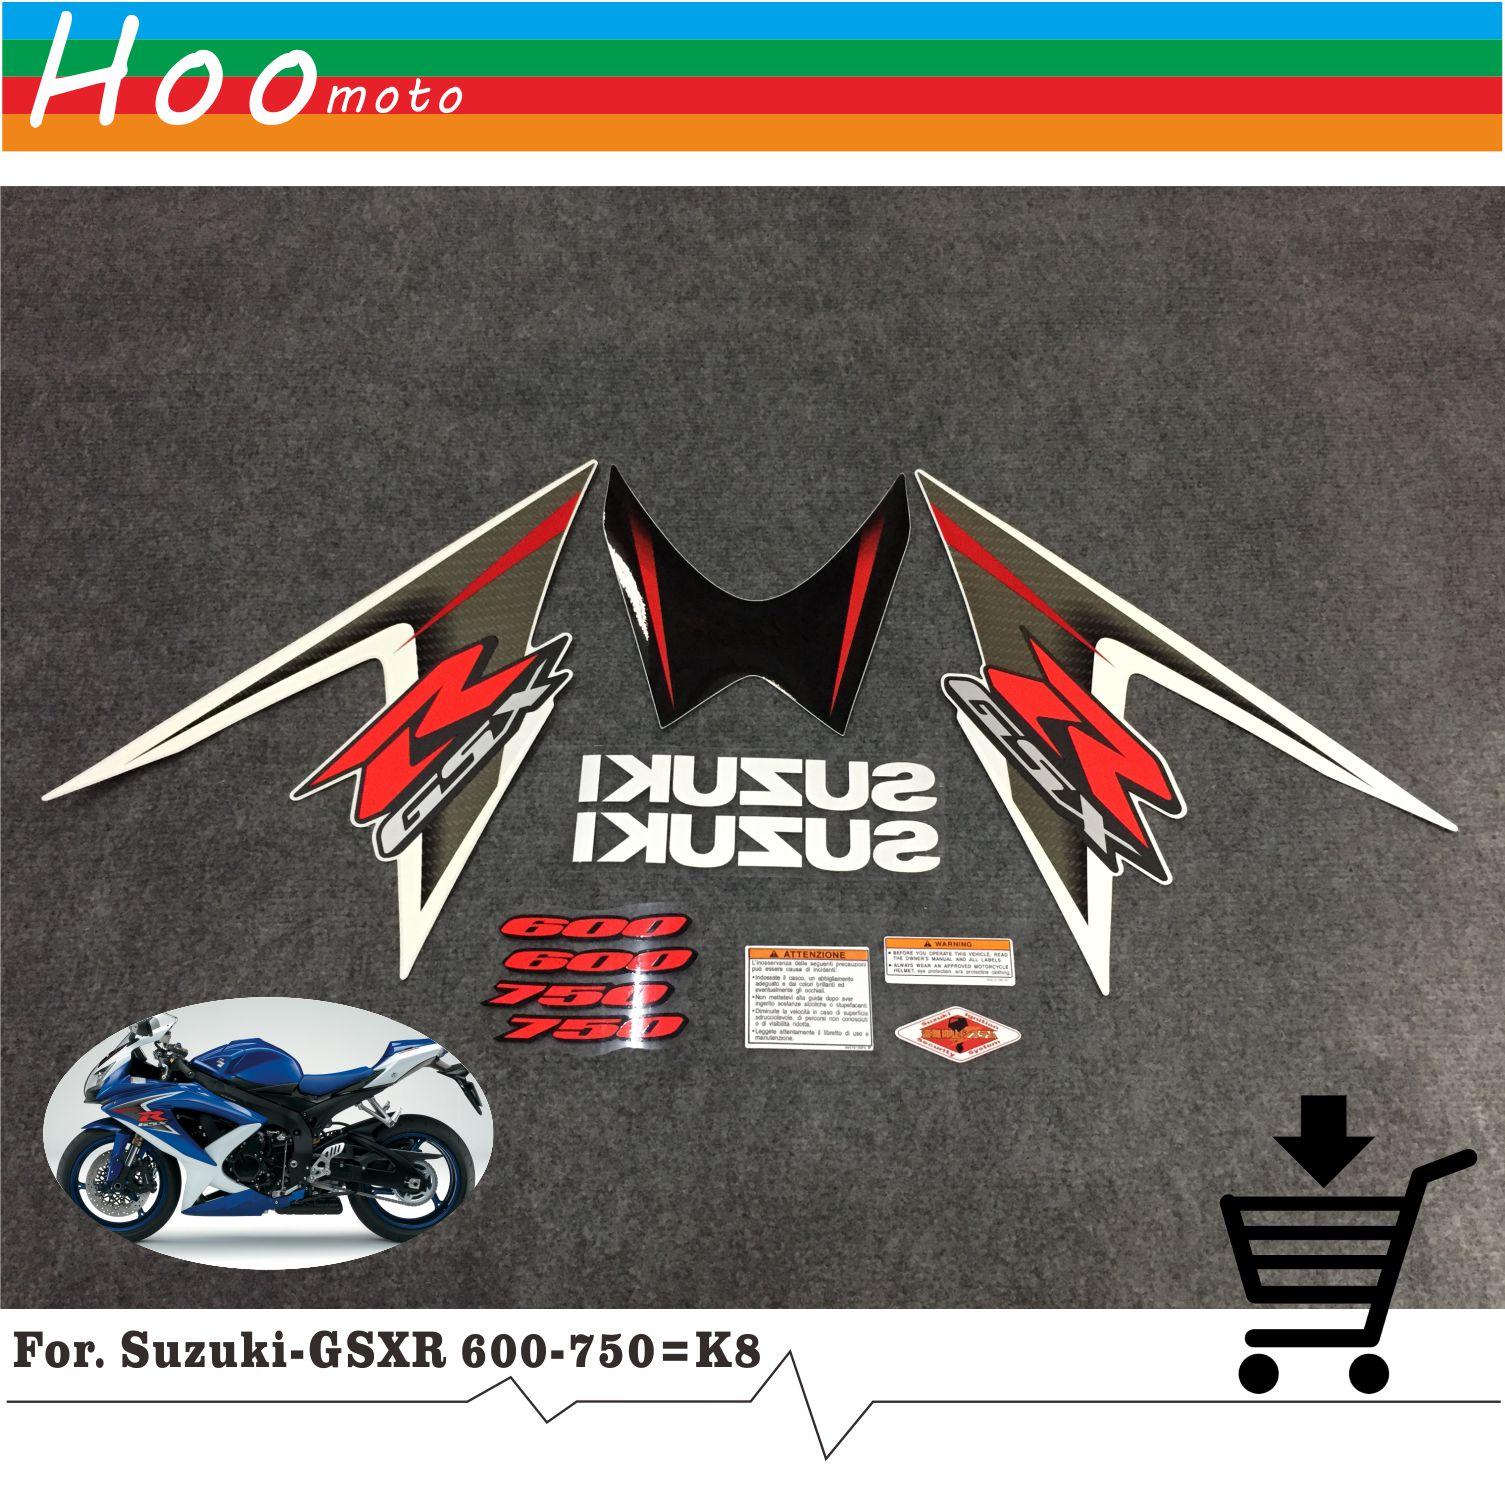 GSXR GSX-R GSX R 600 750 K8 09 лет высокое качество наклейки Стикеры мотоциклетные автомобиль-Стайлинг Стикеры s для Suzuki наклейки Стикеры MOTO